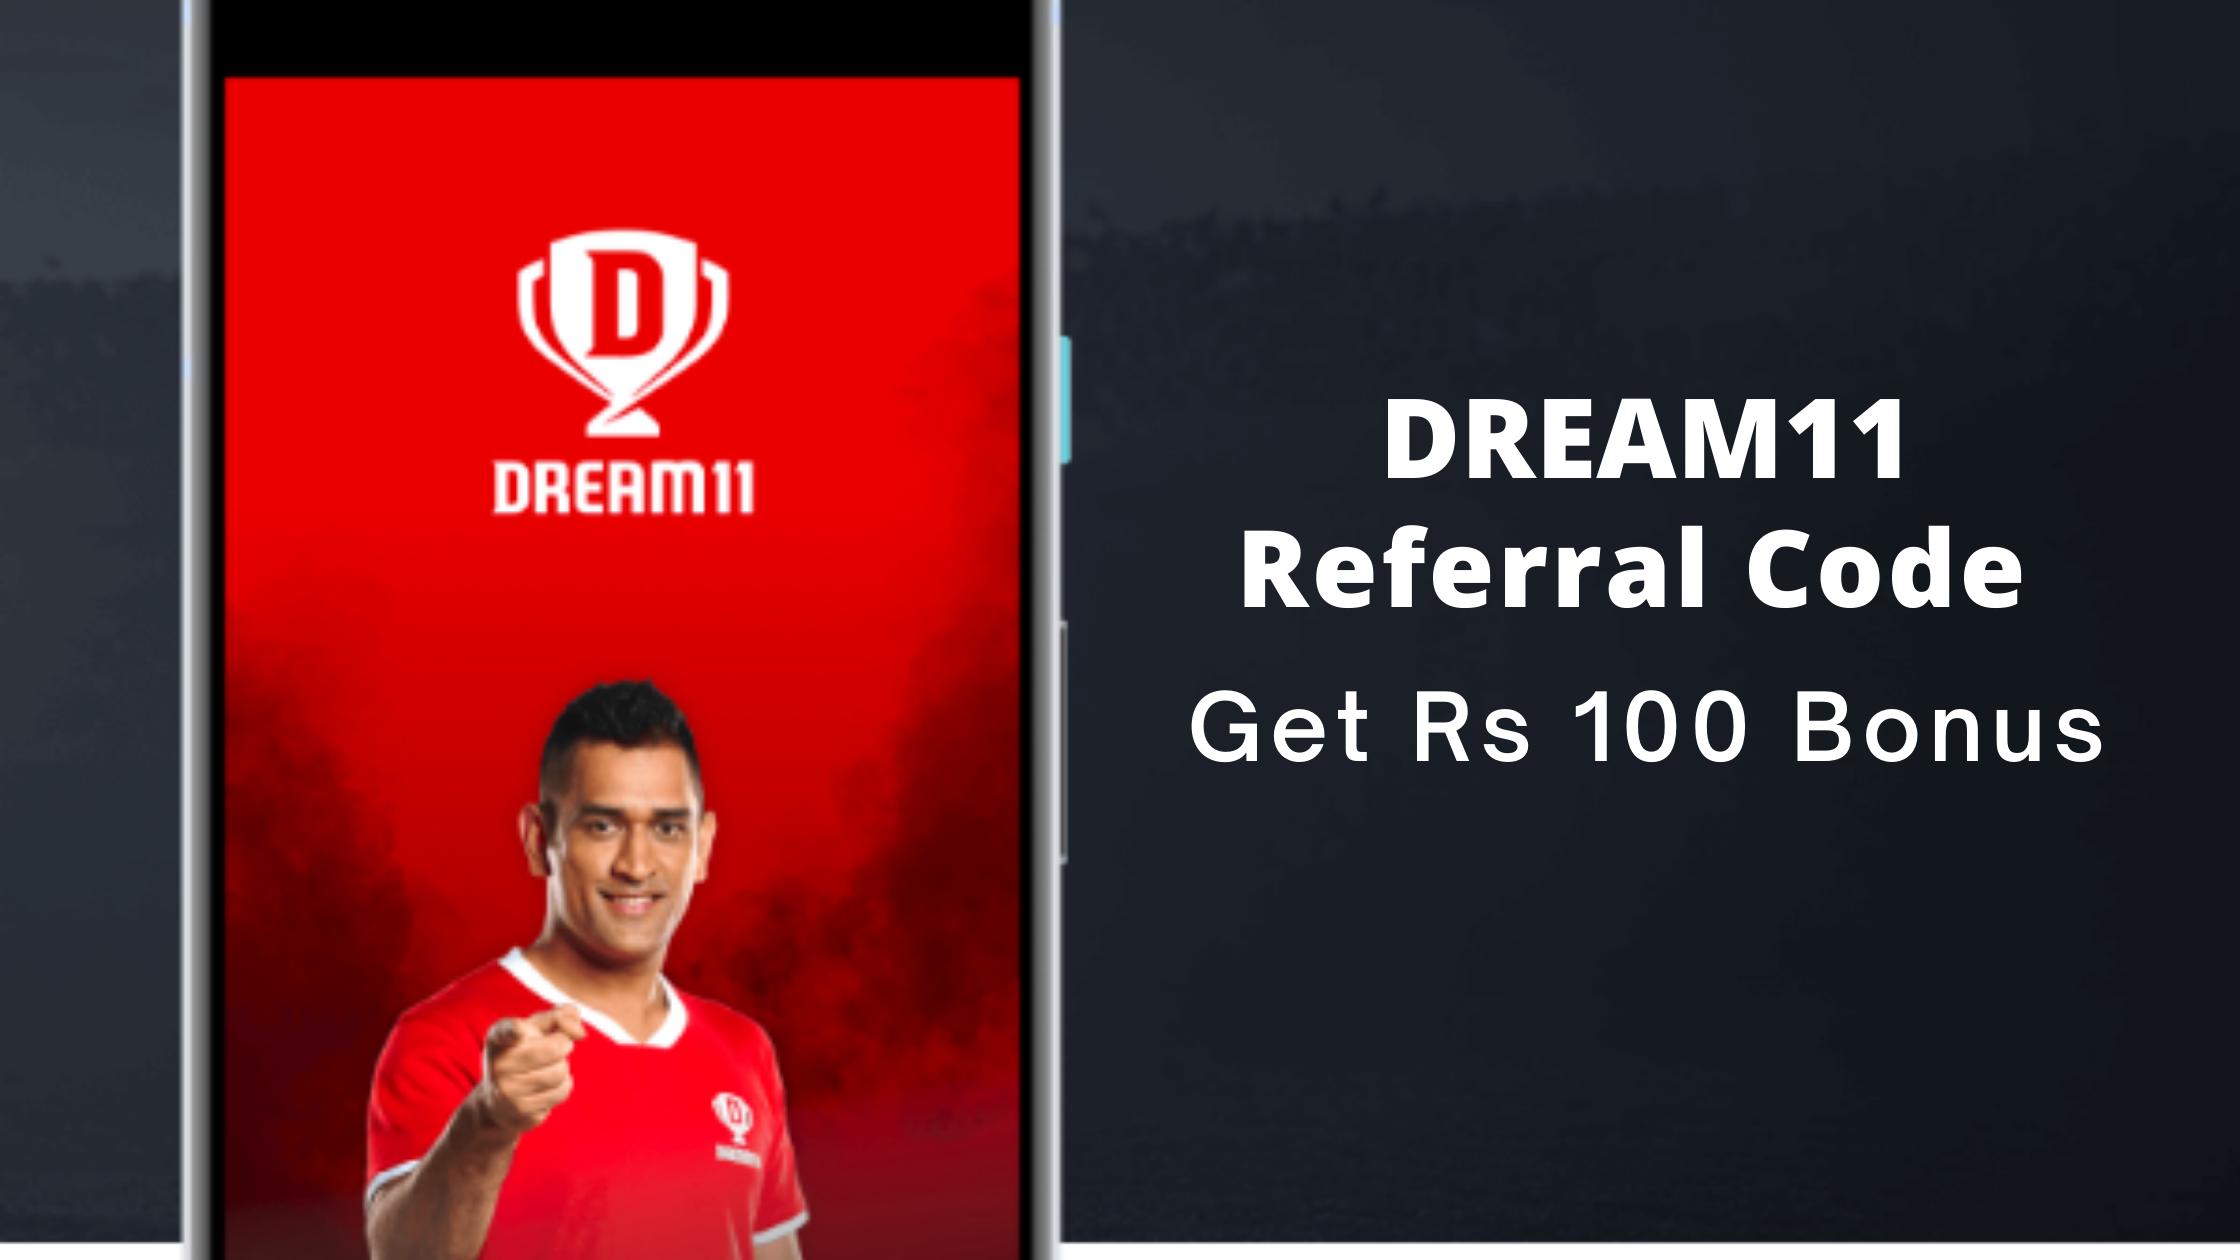 Dream11 Referral Code